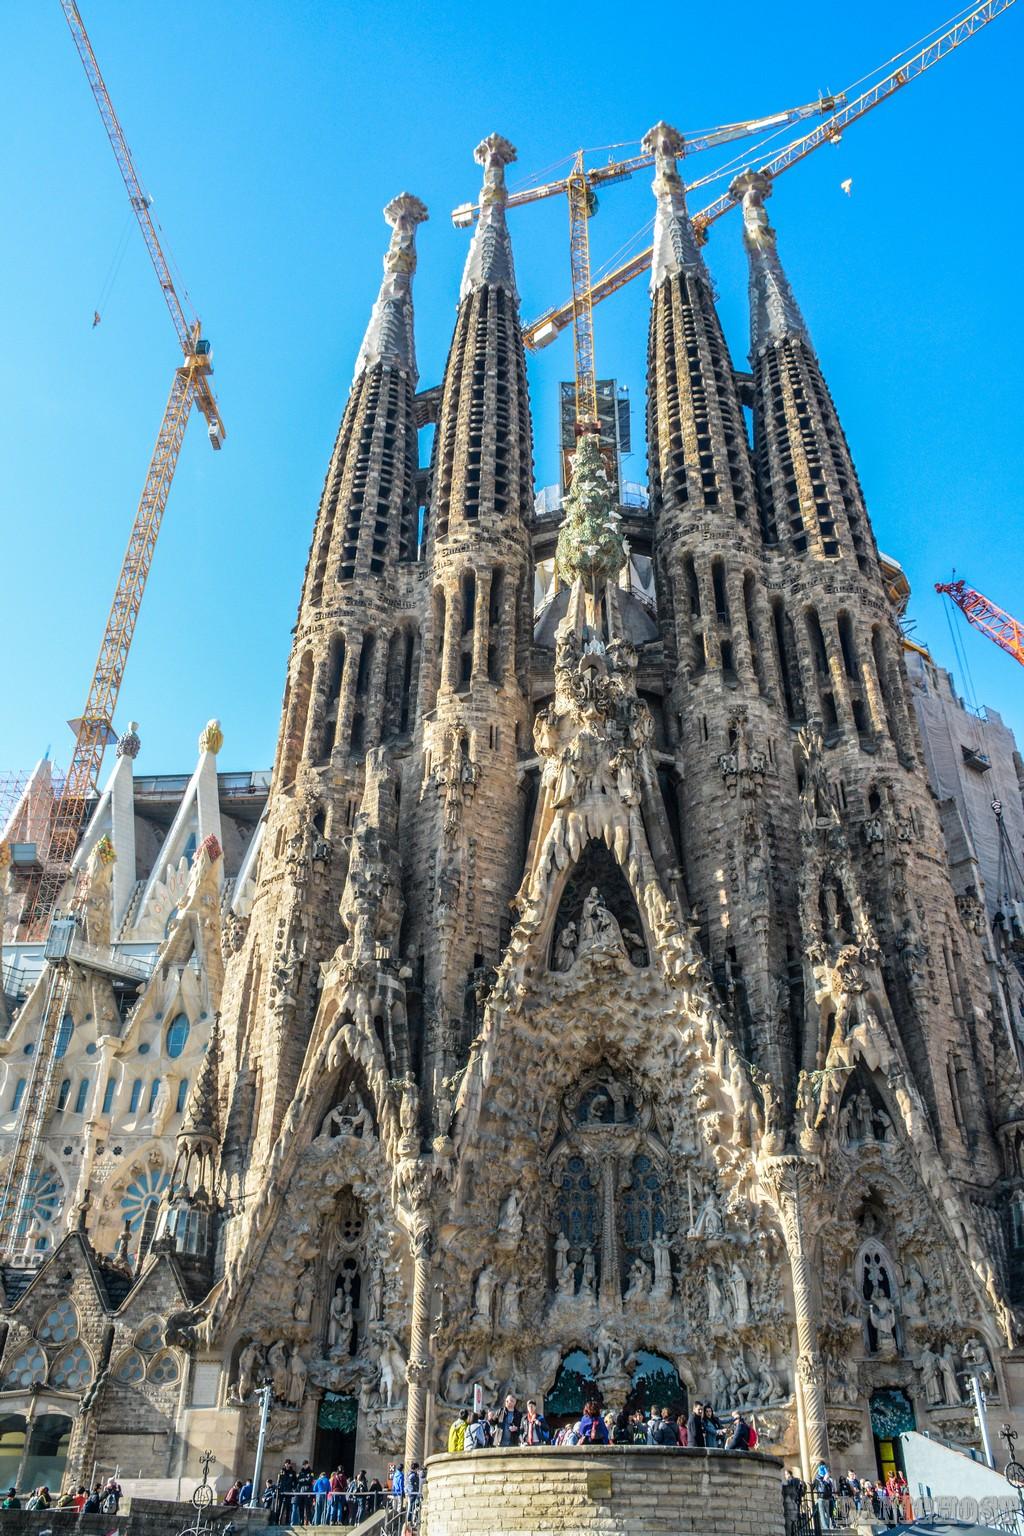 [viaggi] Lavori in corso Sagrada Familia